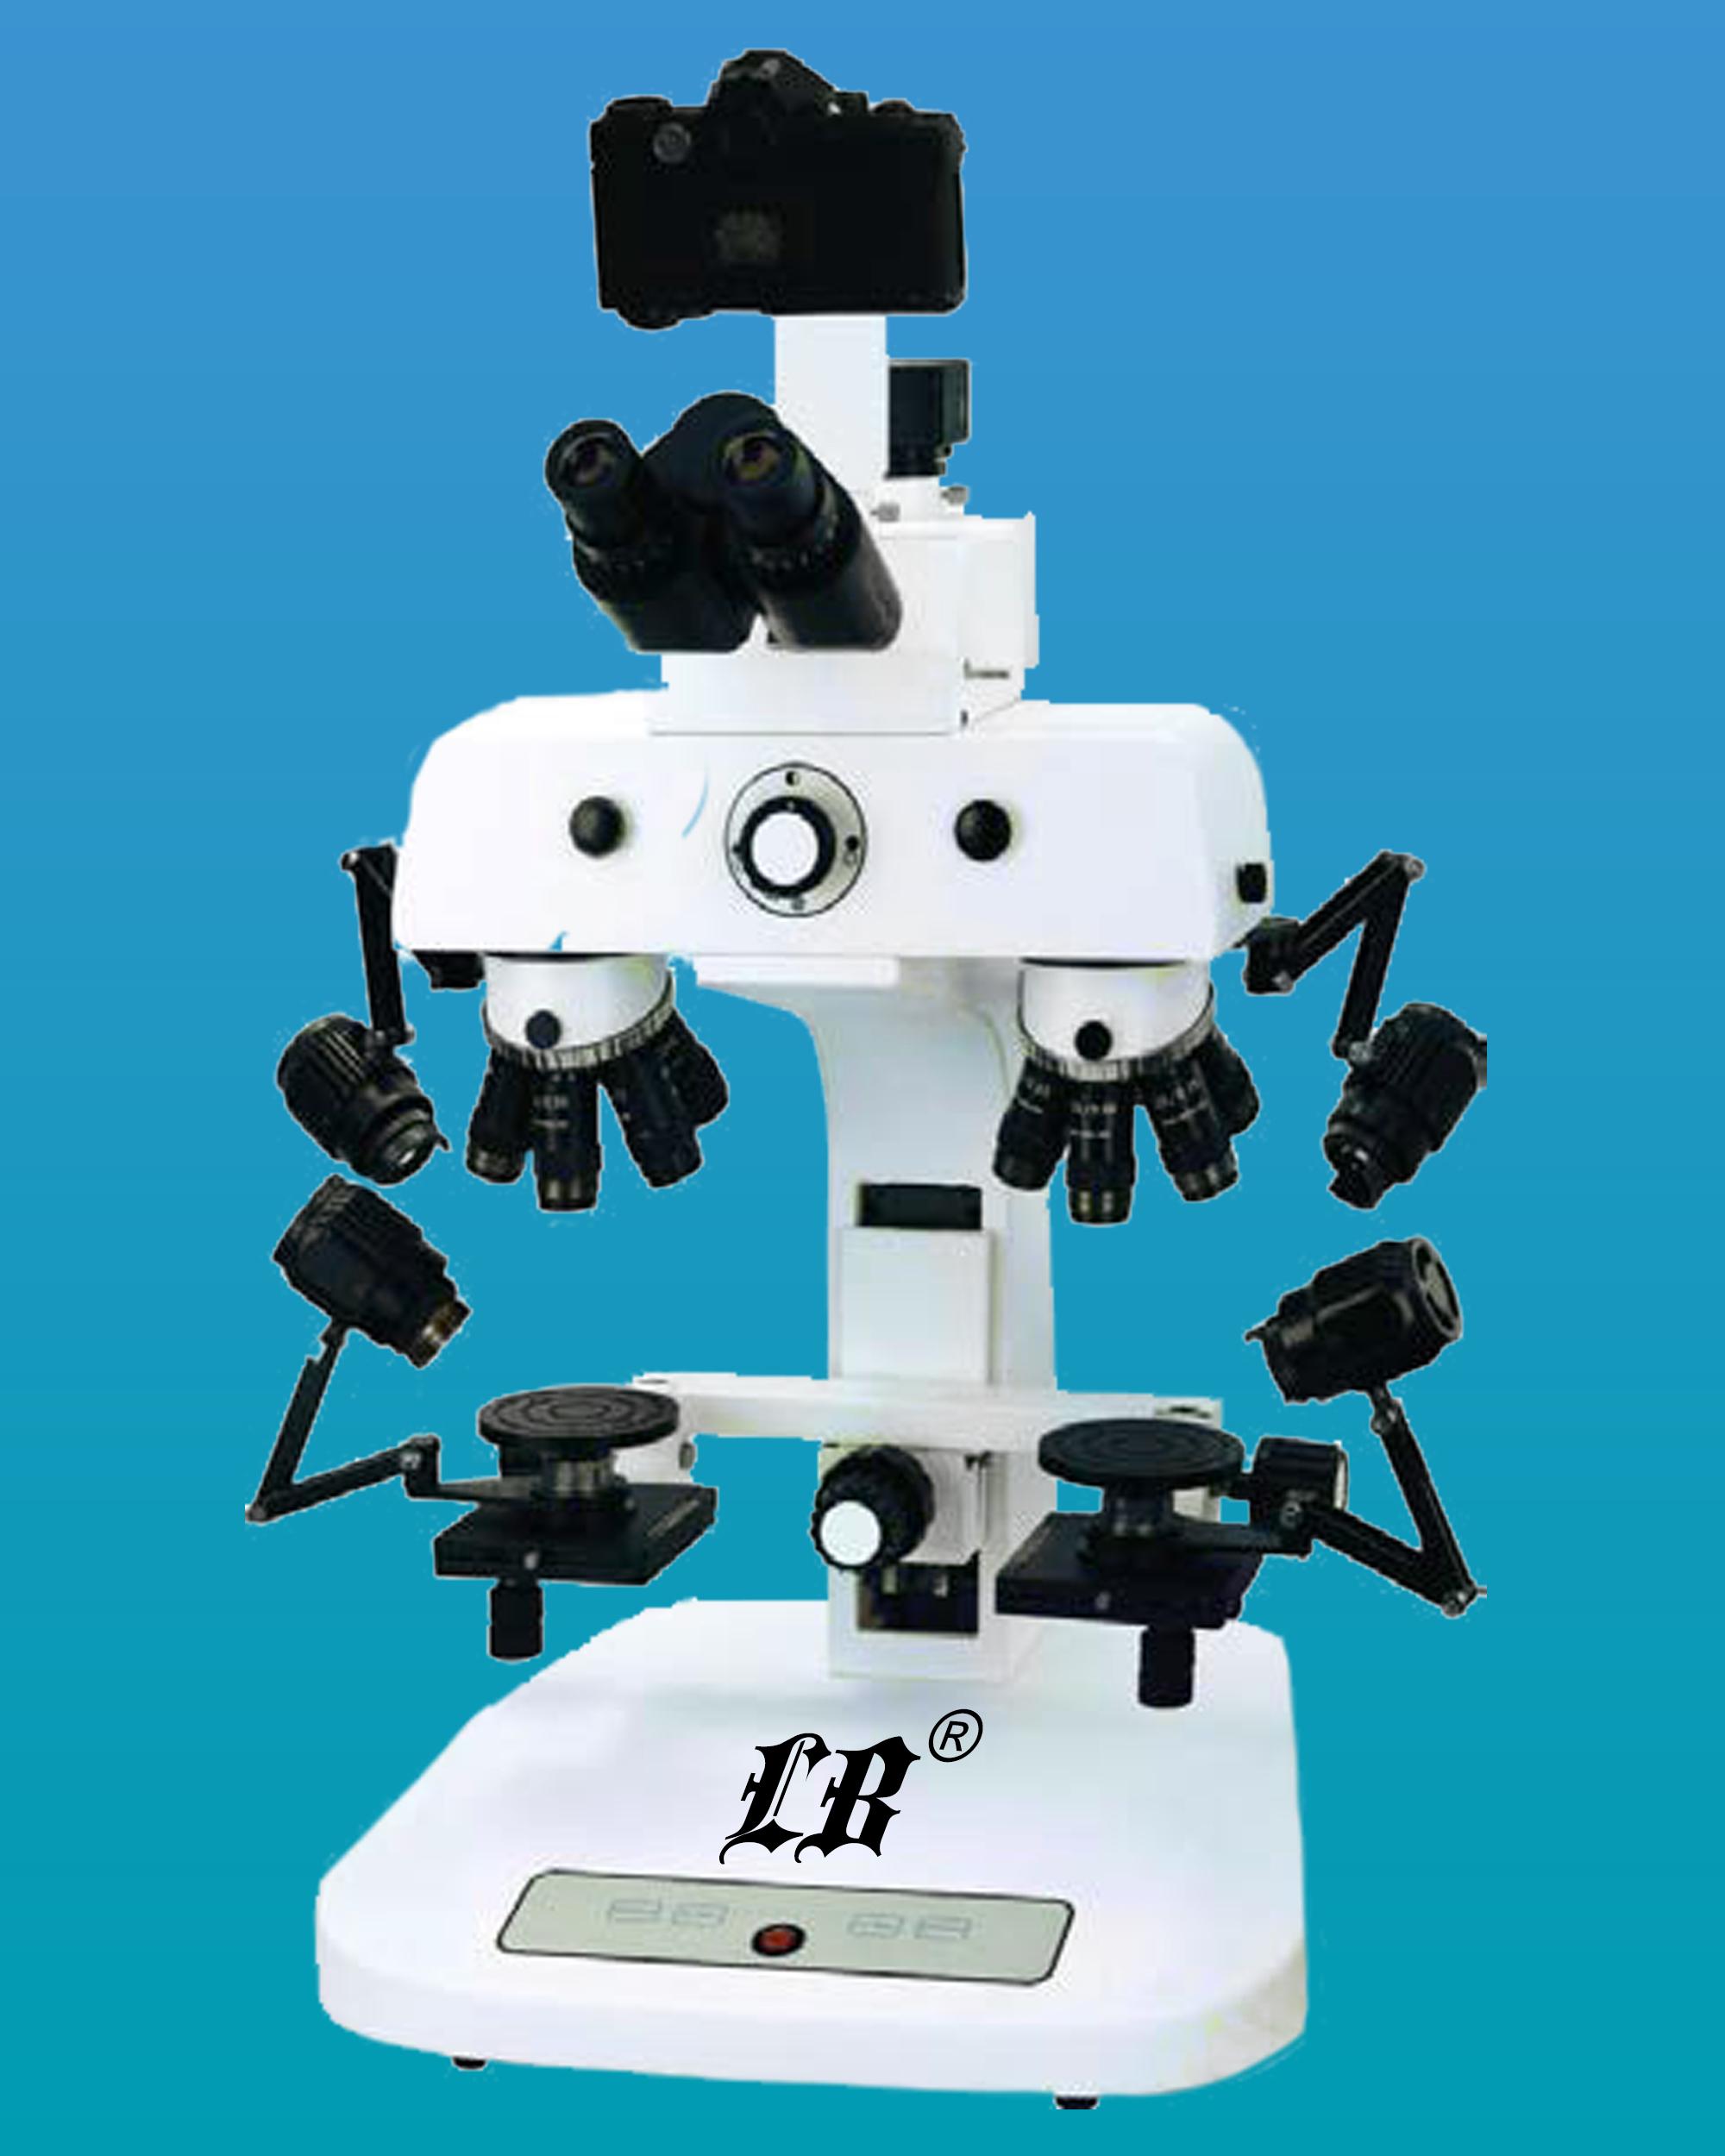 [LB-1010] Comparison Microscope